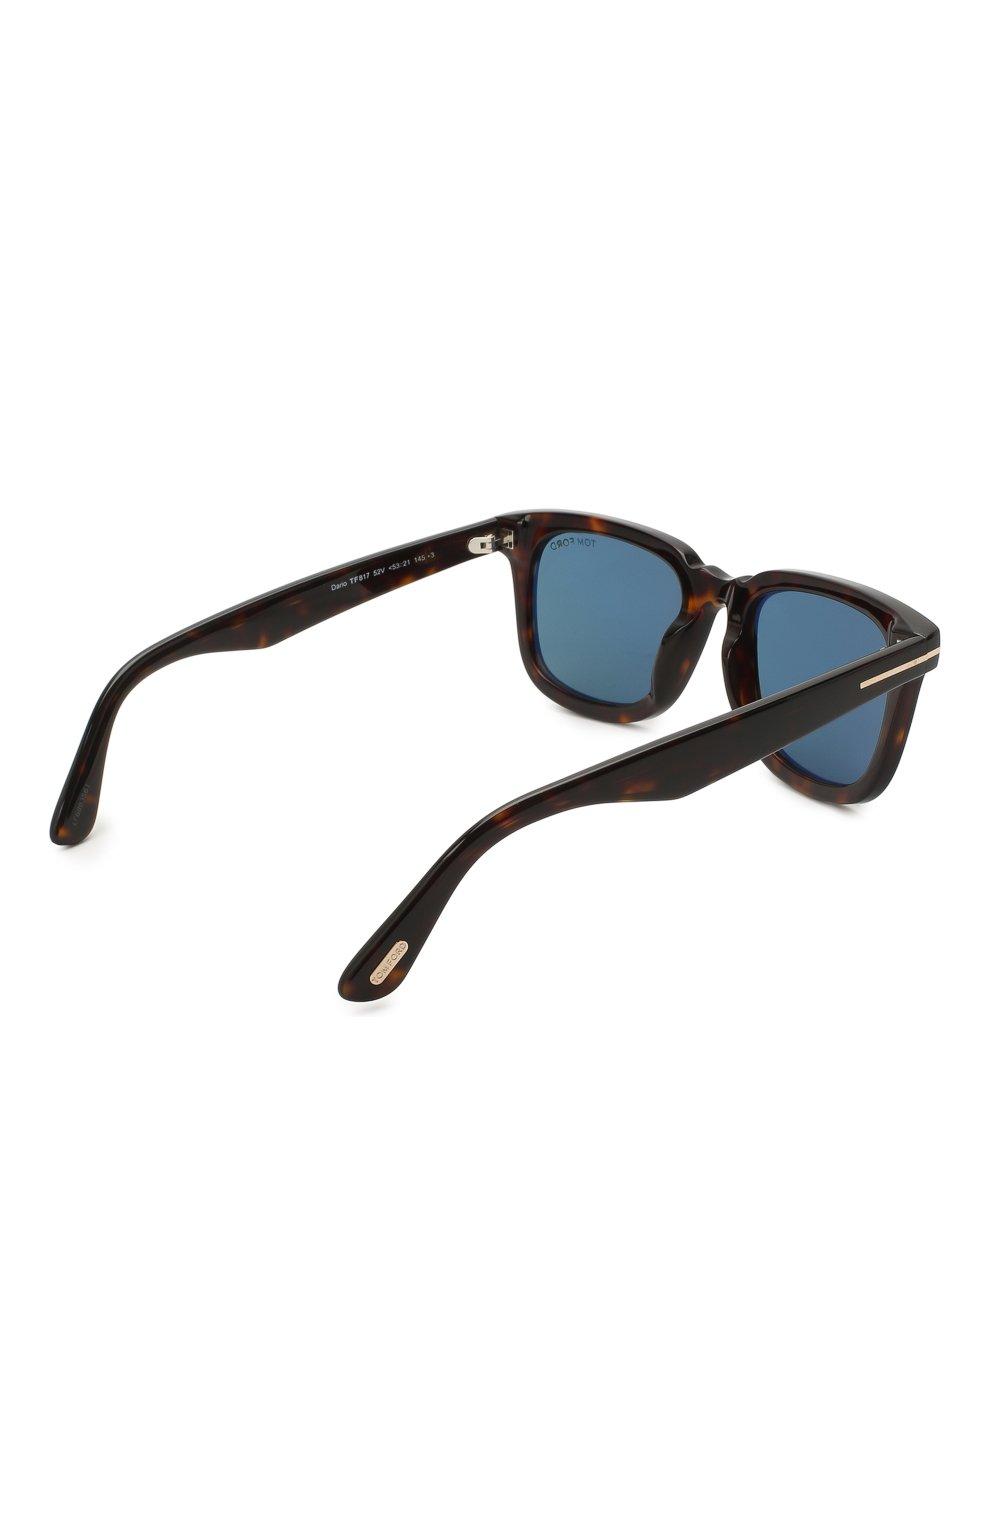 Мужские солнцезащитные очки TOM FORD коричневого цвета, арт. TF817 52V 53 | Фото 4